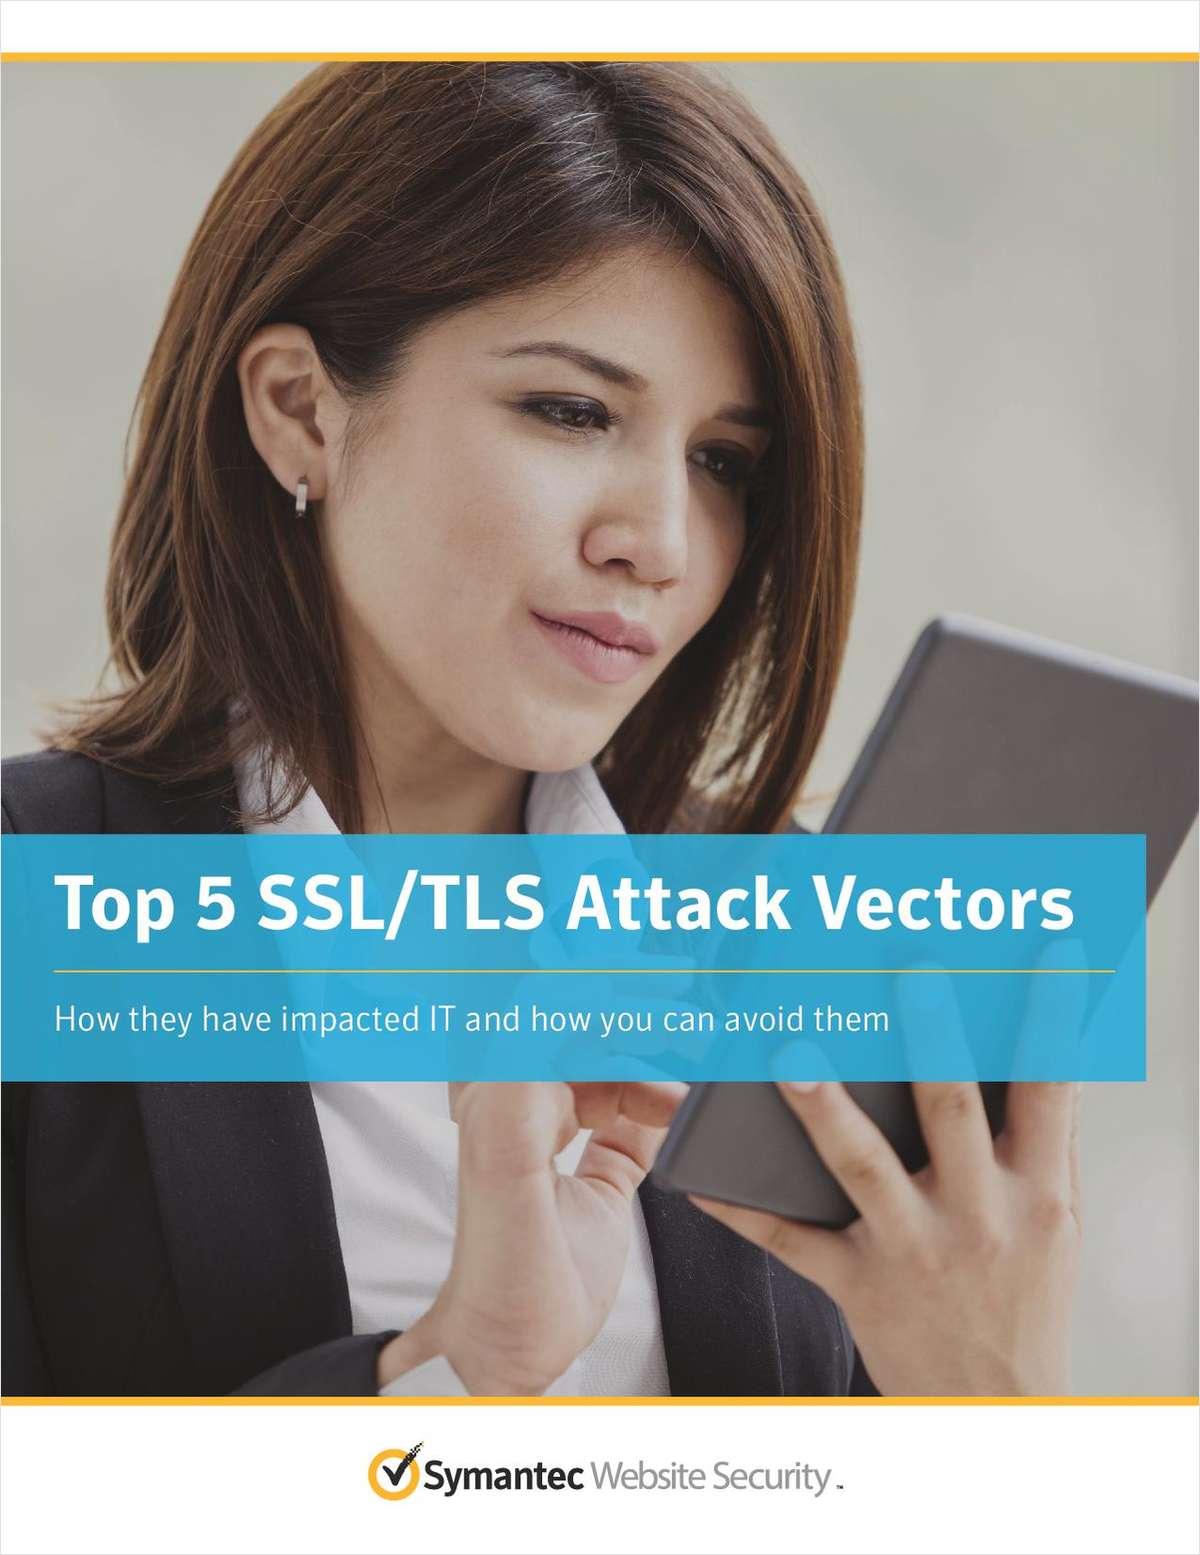 Top 5 SSL/TLS Attack Vectors